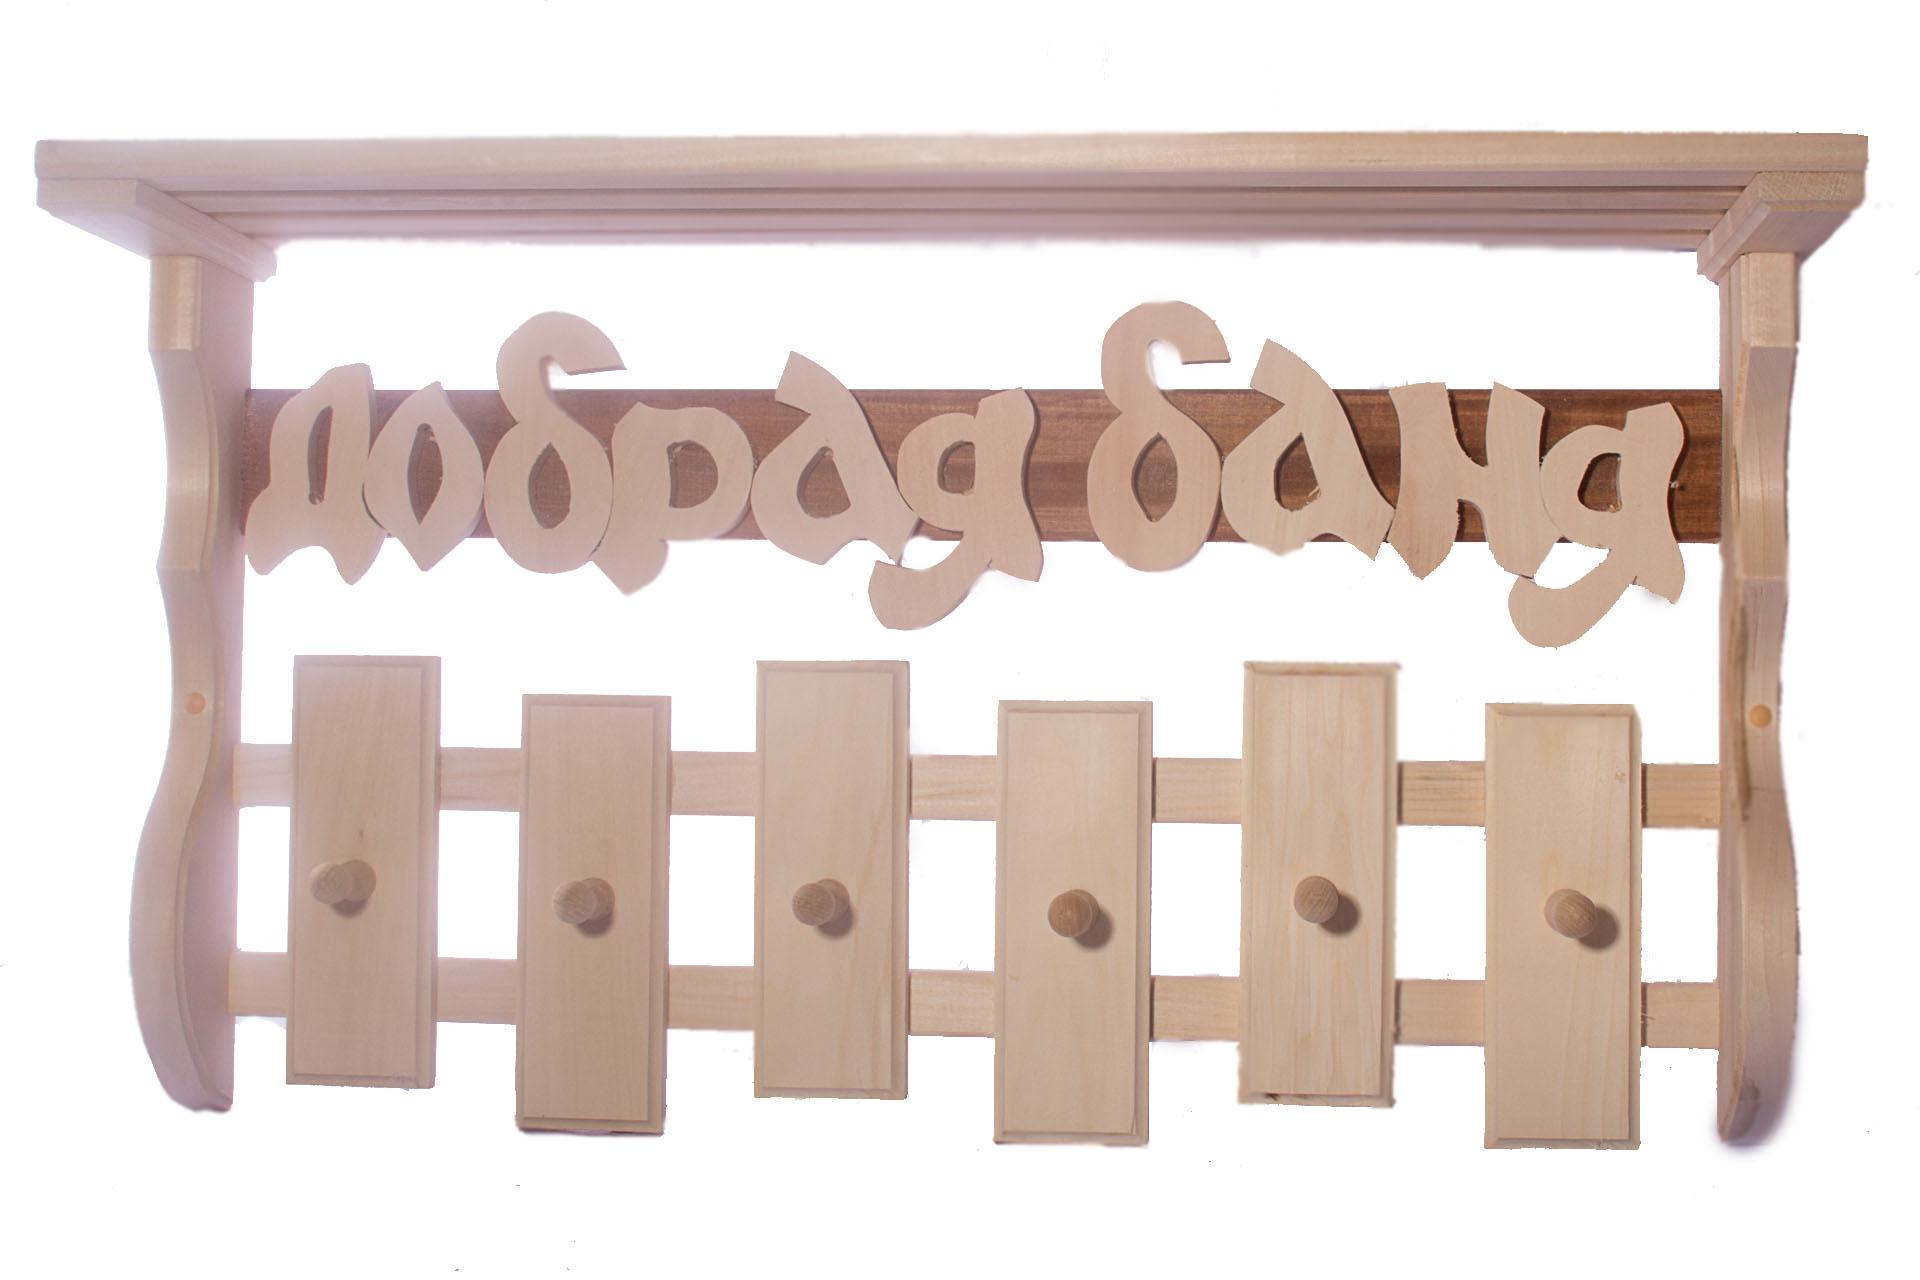 Вешалка в баню своими руками: инструкция по изготовлению, как сделать крючки из дерева, чертежи и фото